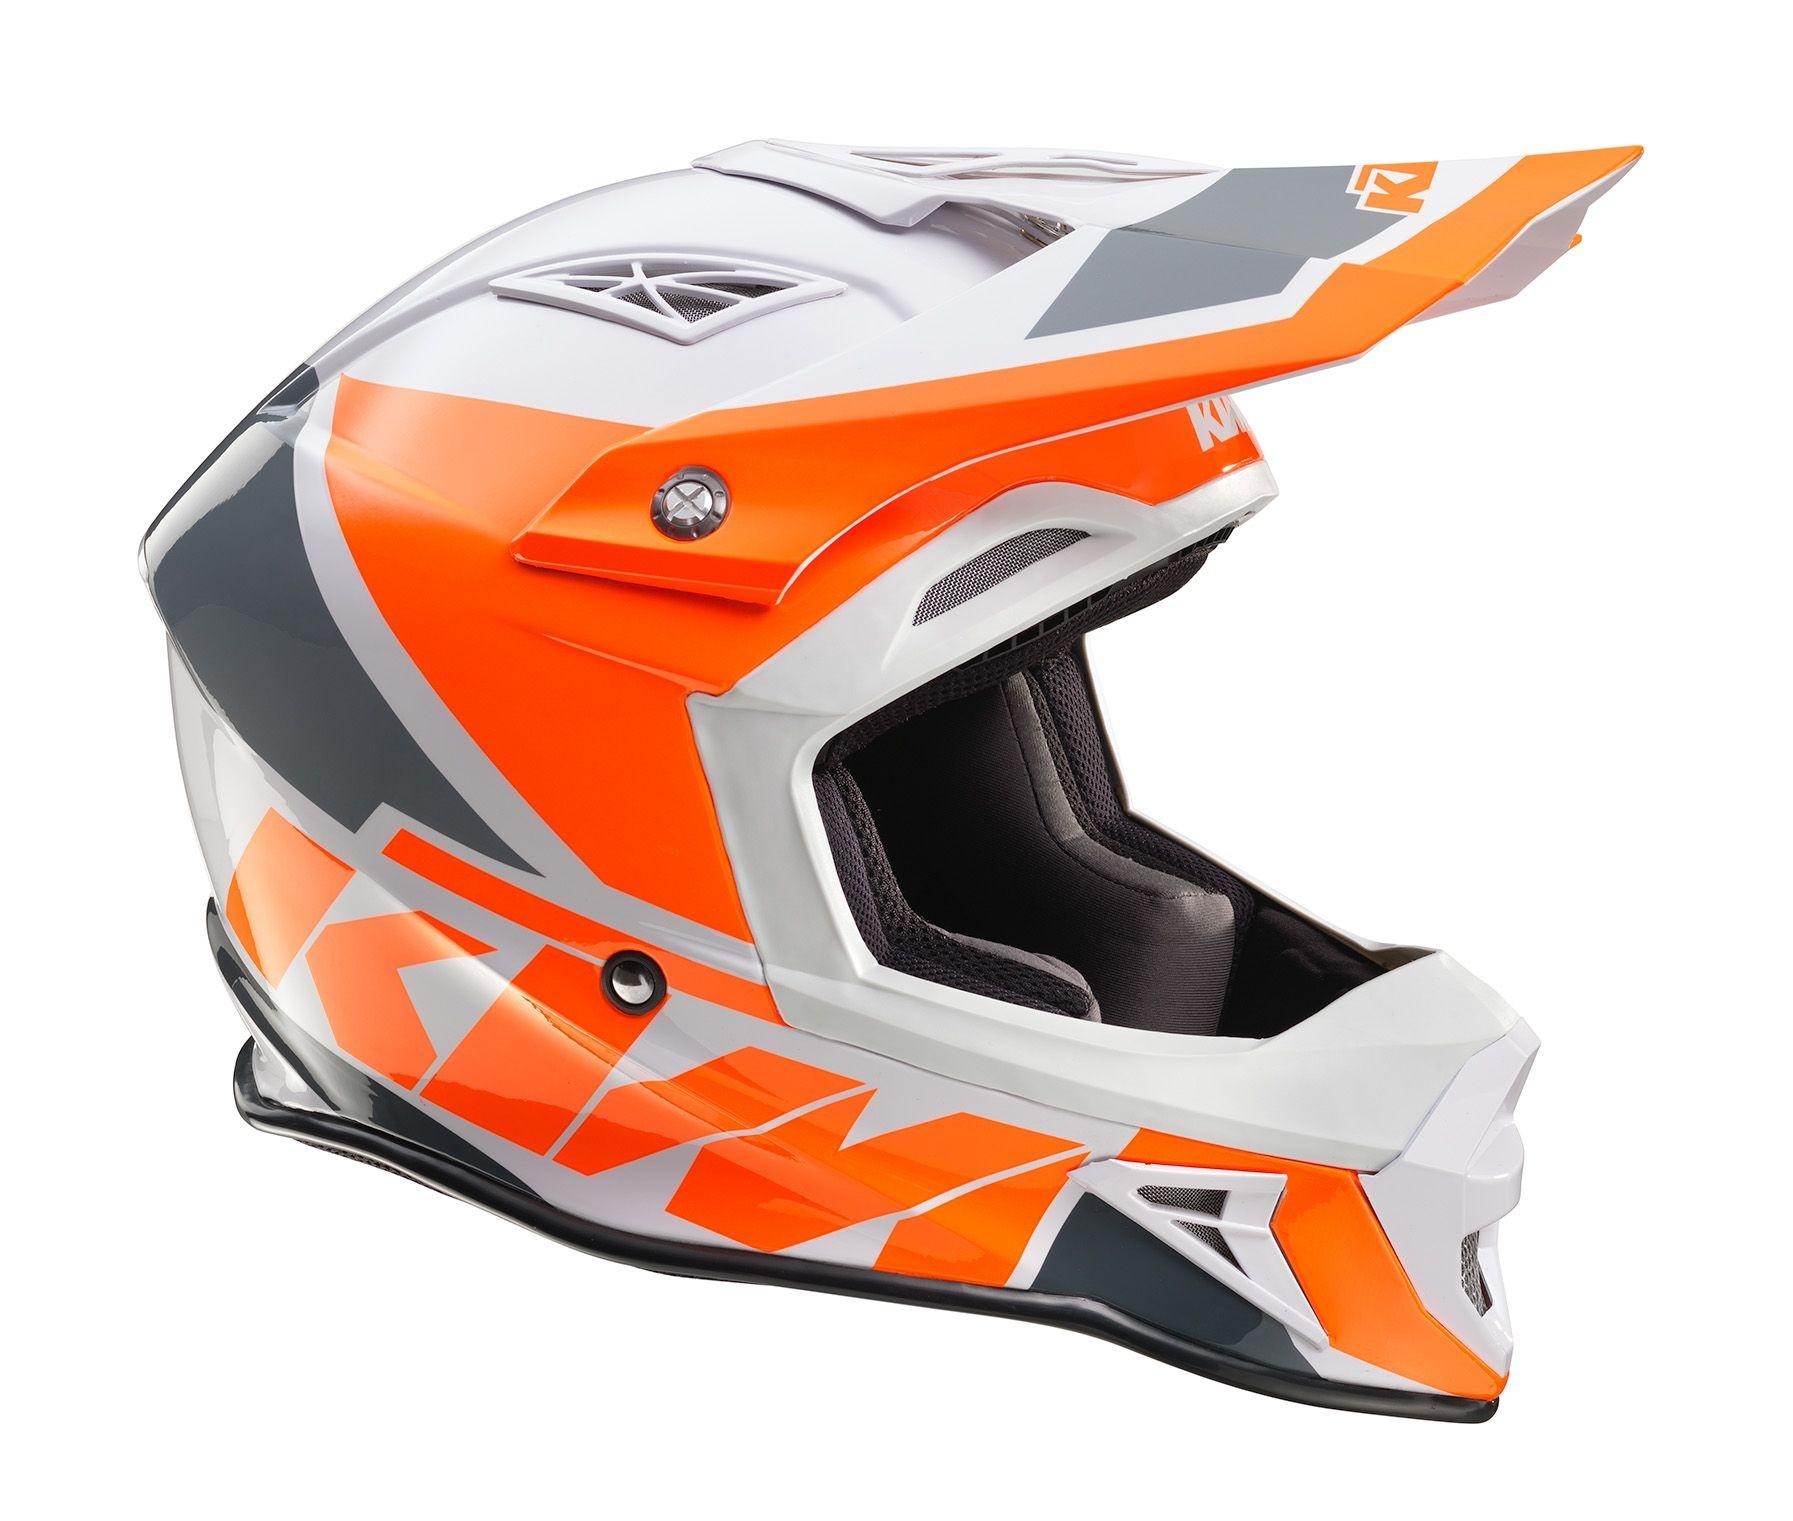 Acheter un casque de motocross en magasin spécialisé